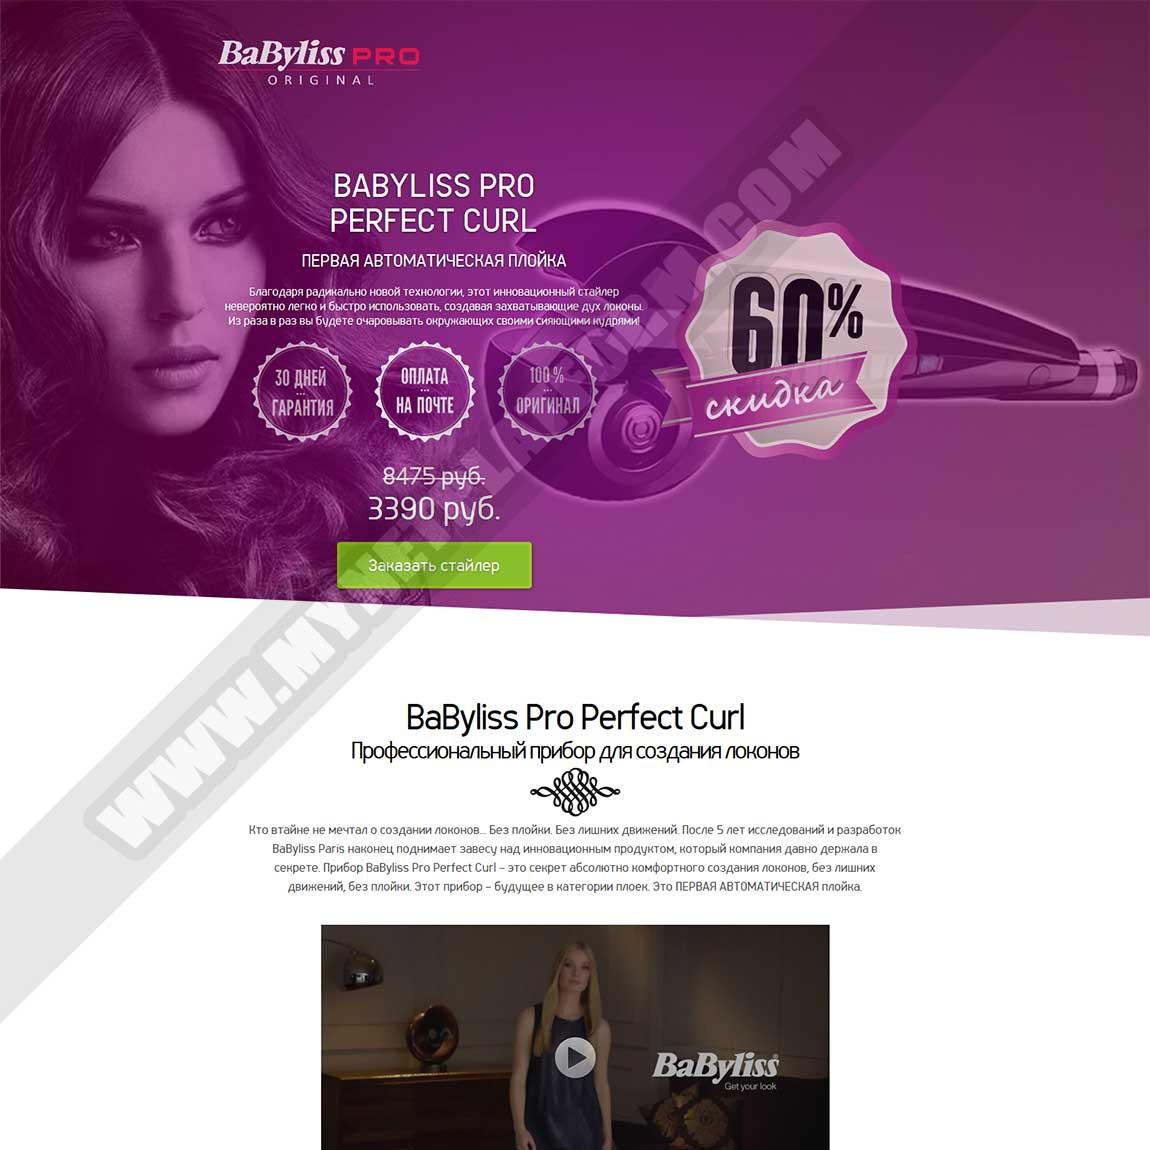 Миниатюра Готового лендинга BaByliss Pro Perfect Curl - автоматическая плойка для завивки волос 001